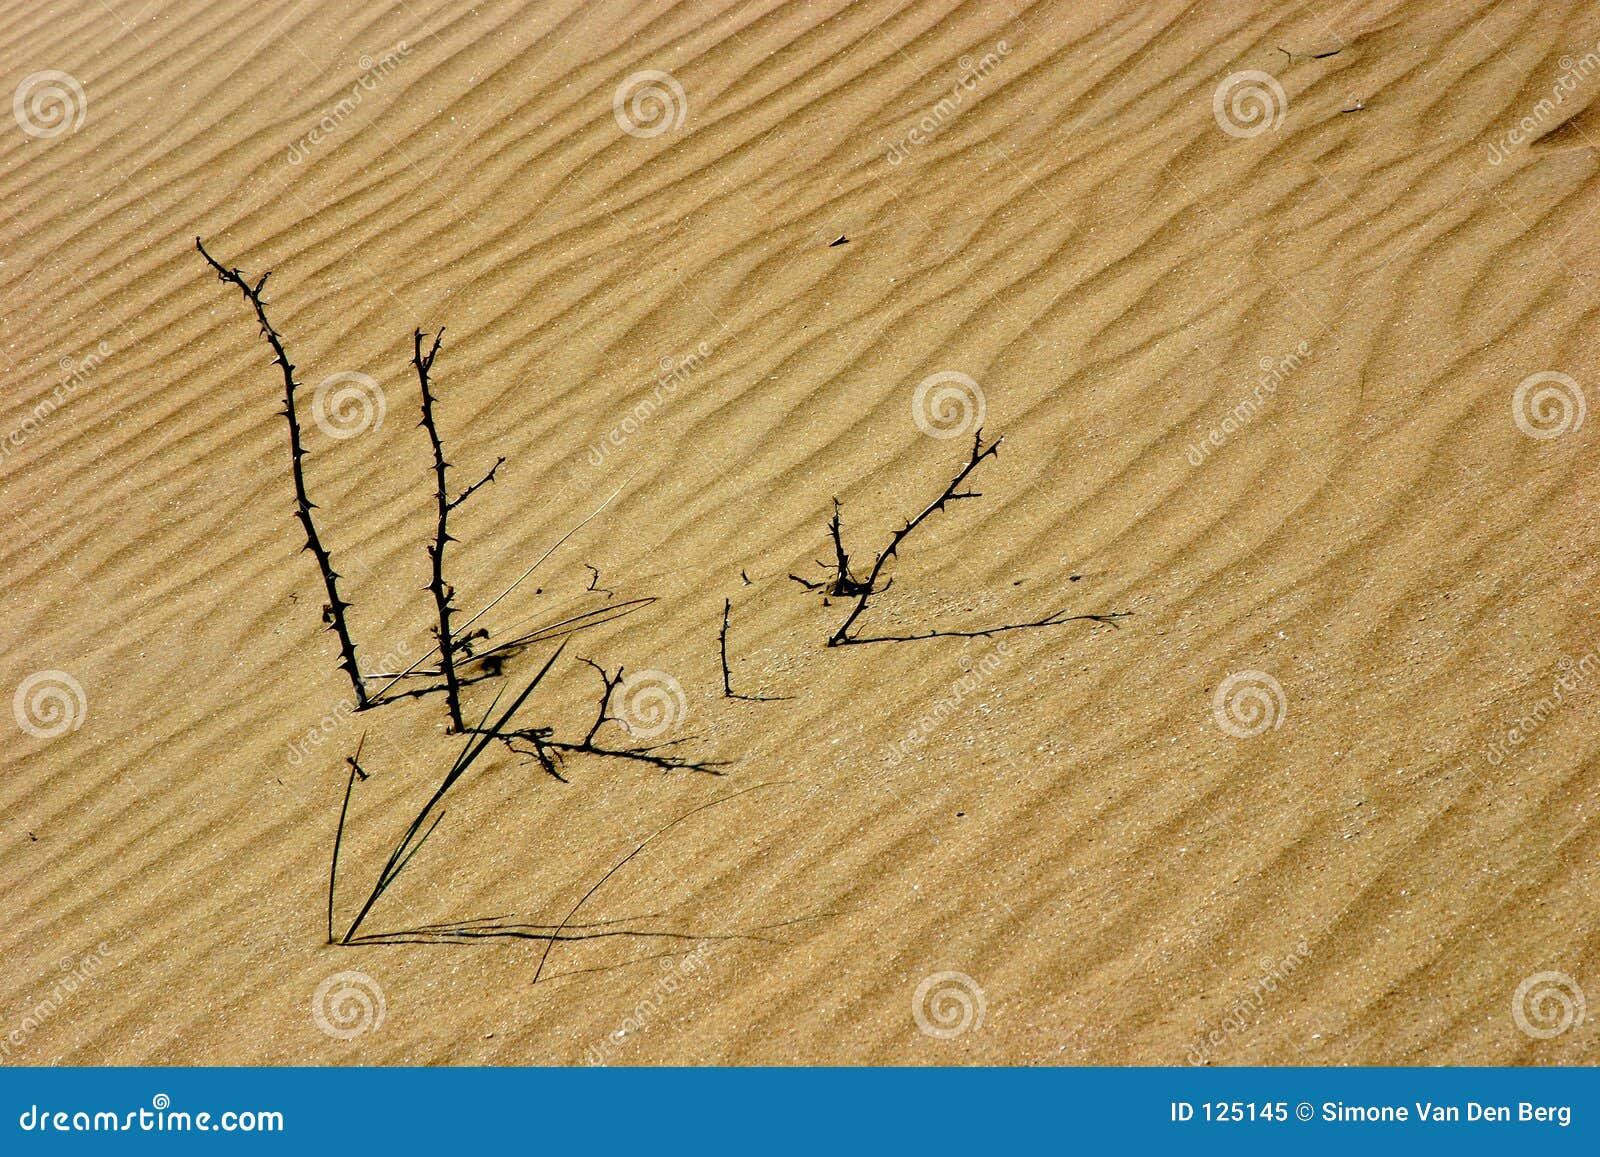 Stokken in de duinen